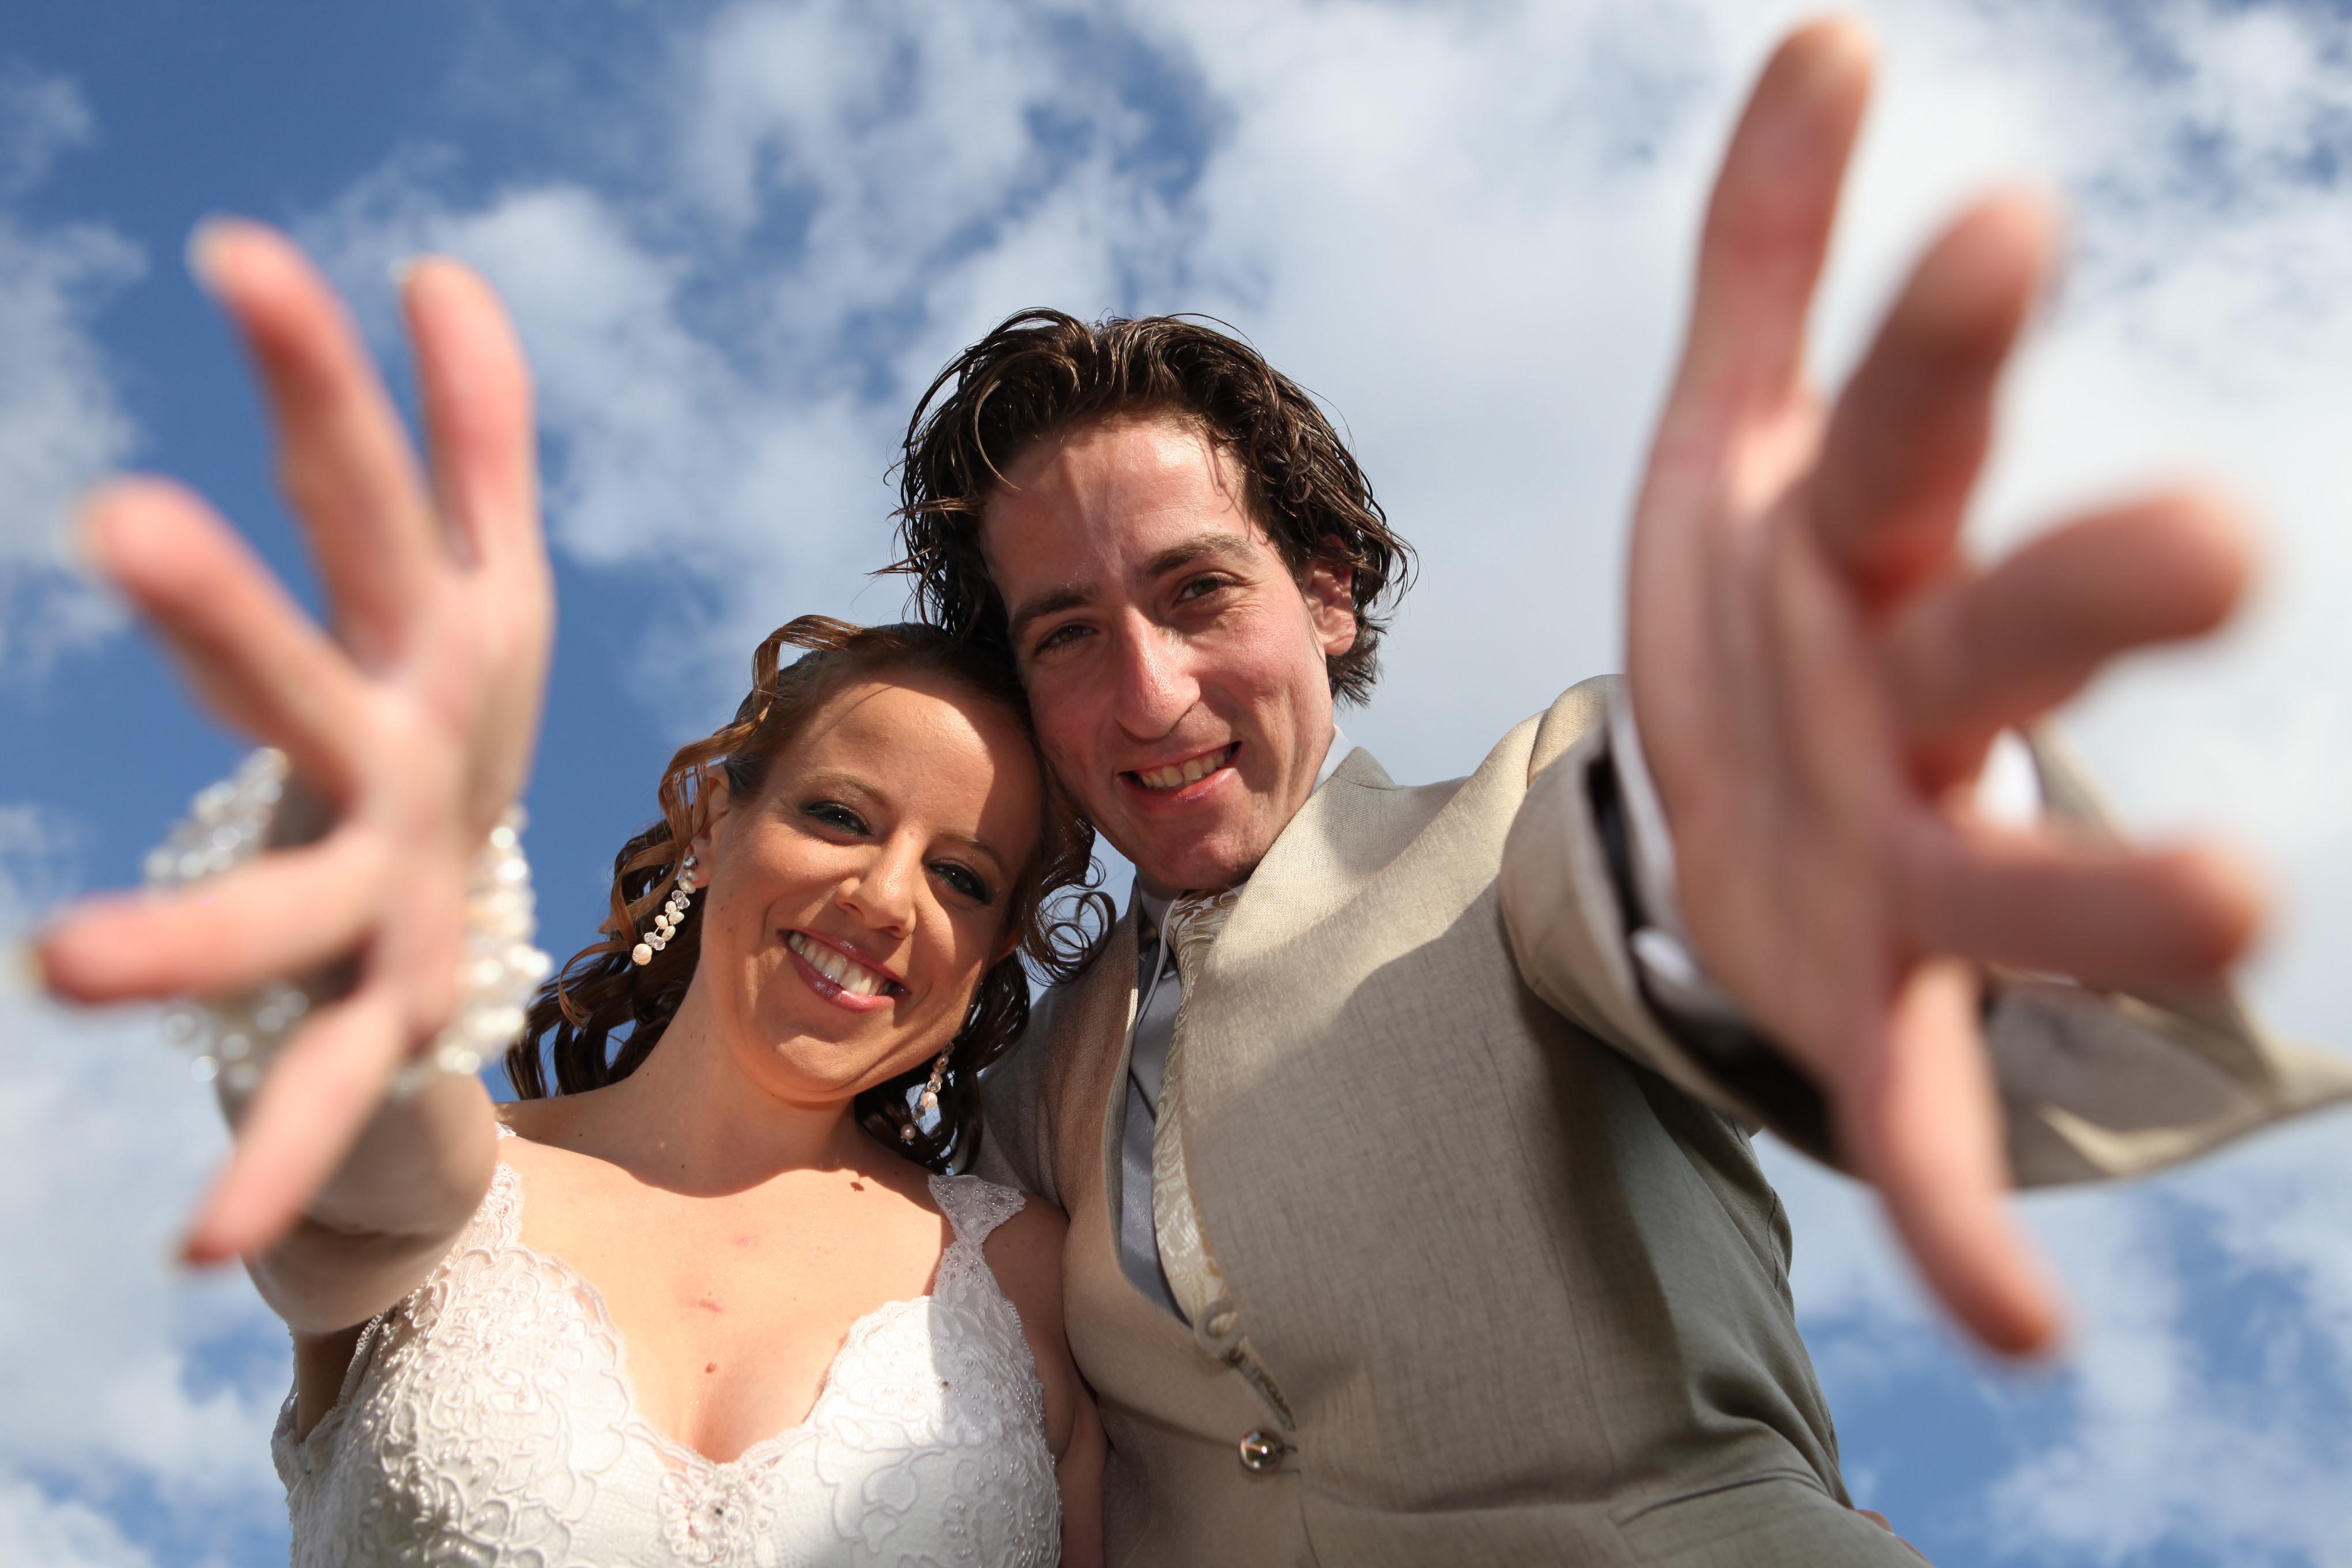 החתונה של עדי ודרור 16.03.10